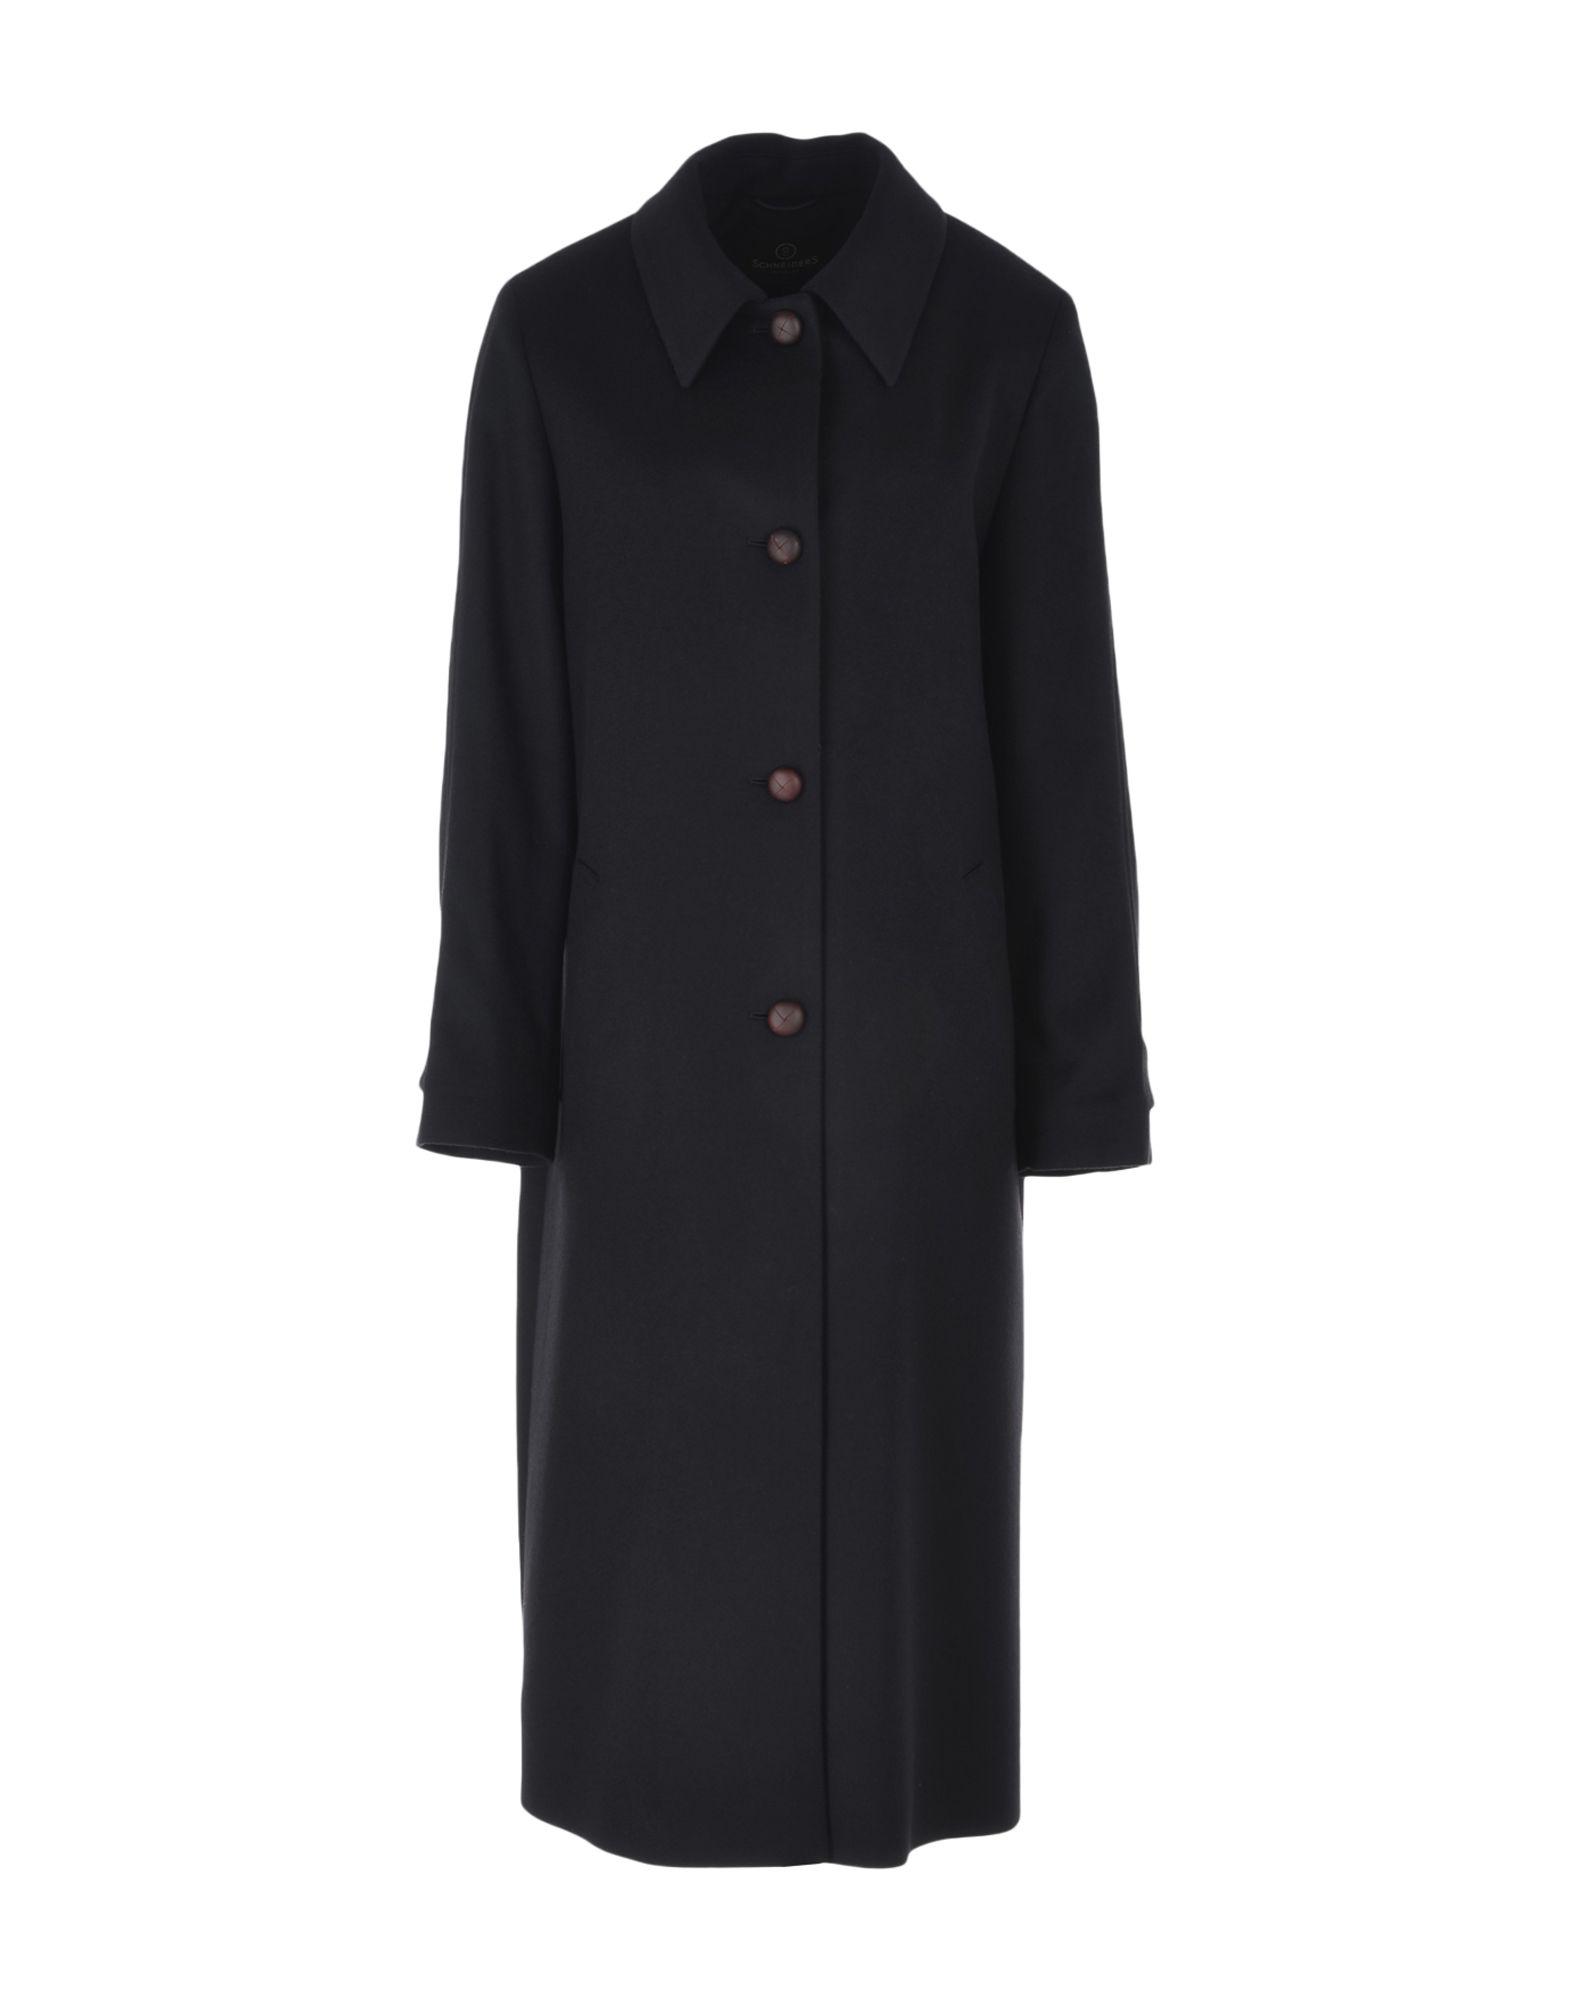 SCHNEIDERS Пальто пальто зима кожаные рукава цена